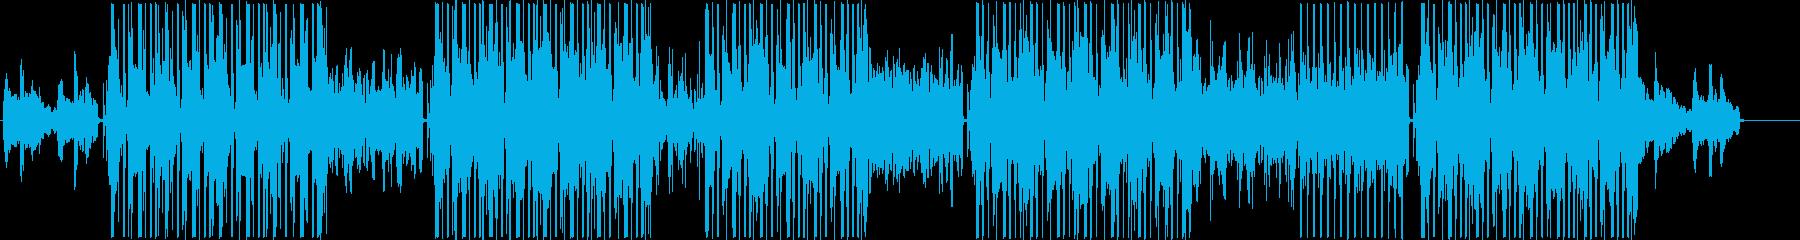 シンセウェーブ、ポップトラック♪の再生済みの波形